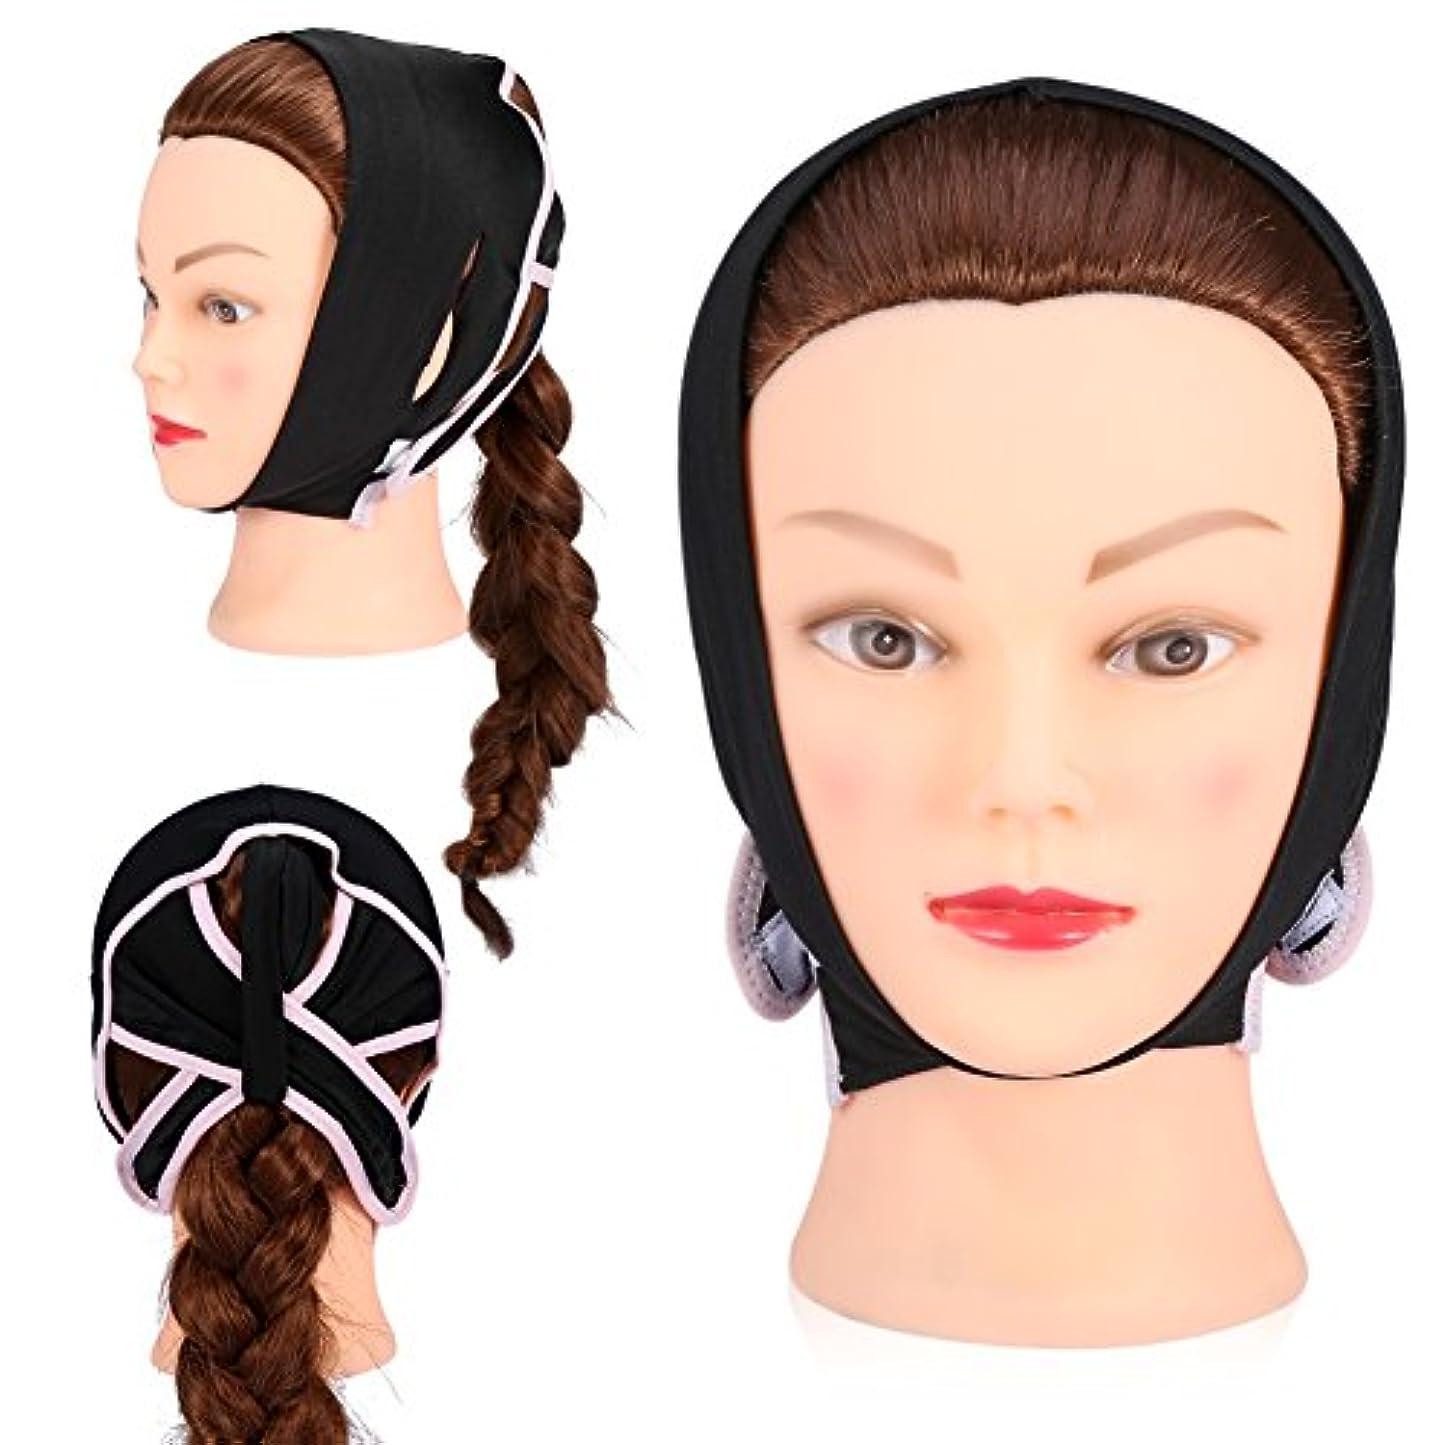 四回意志汚れた顔 輪郭 改善 Vフェイス 美容包帯 首 頬 あご引き締めます(M)